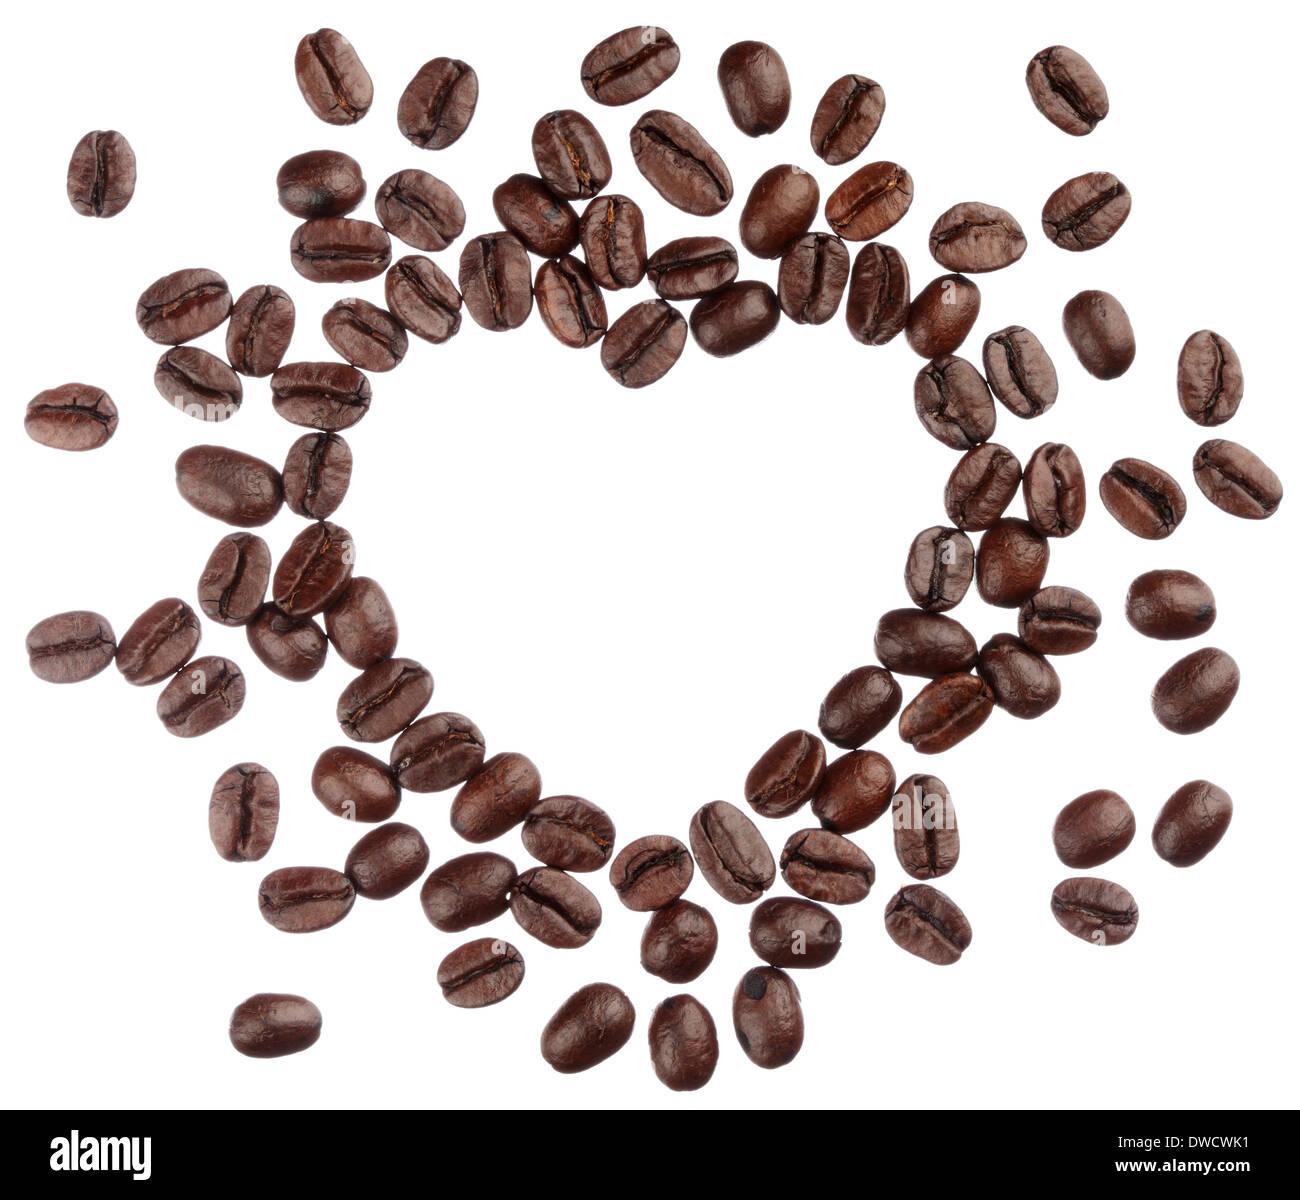 Les grains de café coeur isolé sur fond blanc close up Banque D'Images